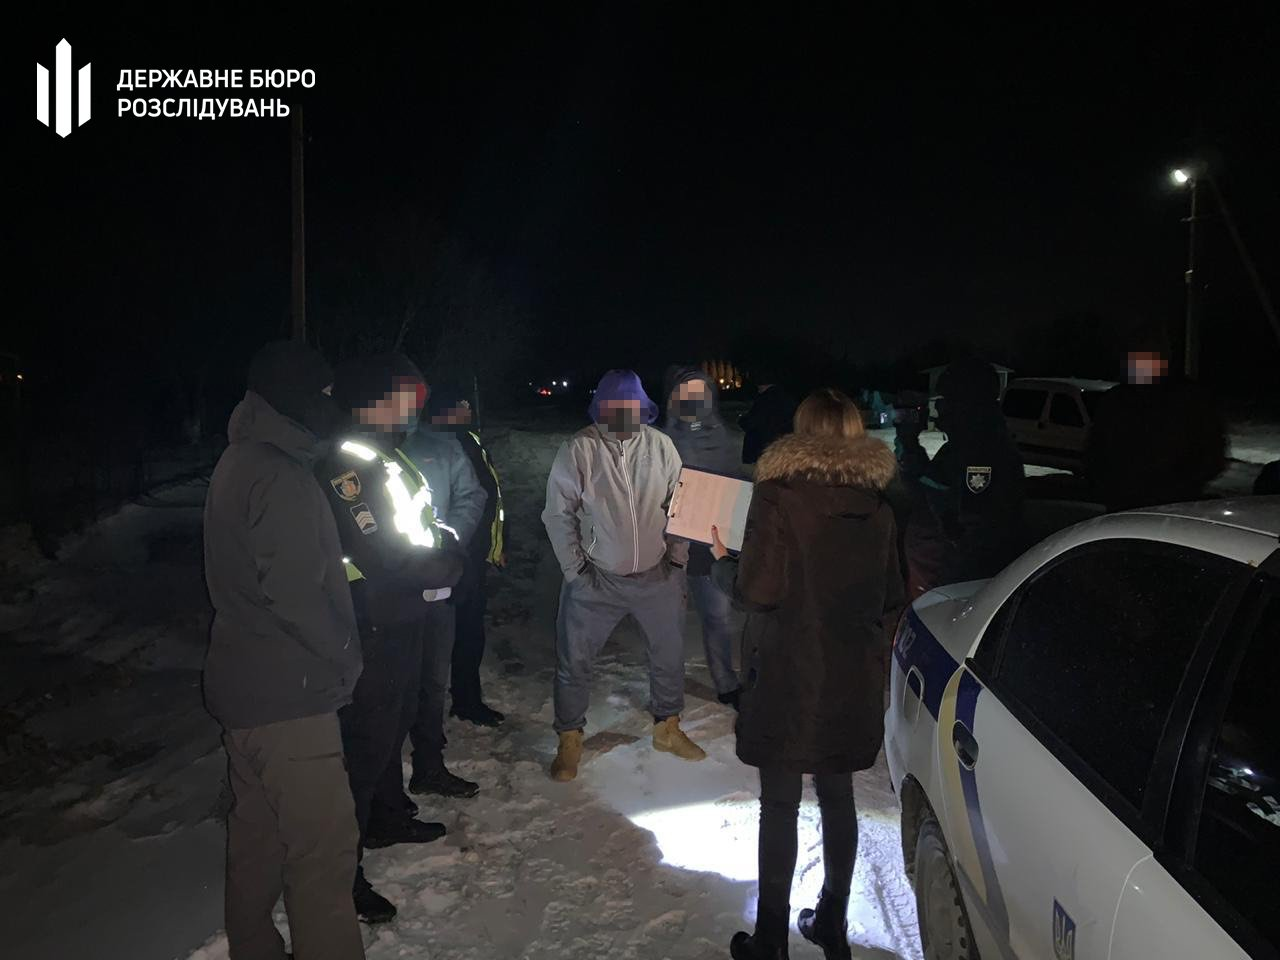 Збут відомостей про осіб та транспортні засоби — ДБР затримало «на гарячому» поліцейського Хмельниччини, фото-2